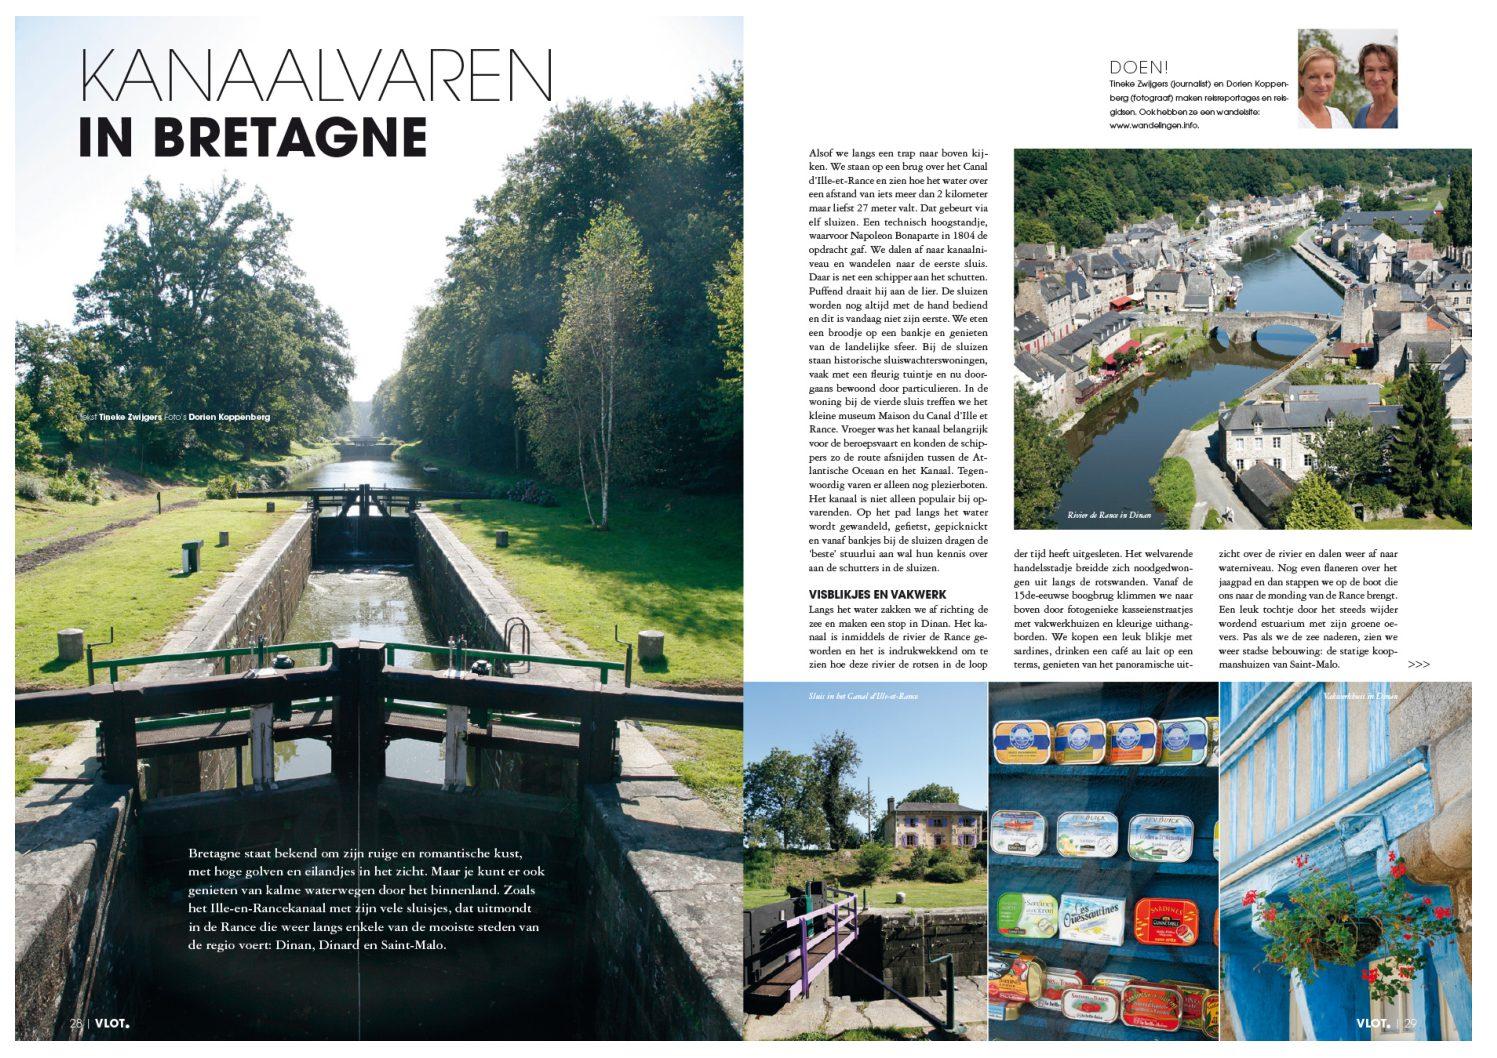 Artikel over kanaalvaren in Bretagne, voor VLOT Magazine